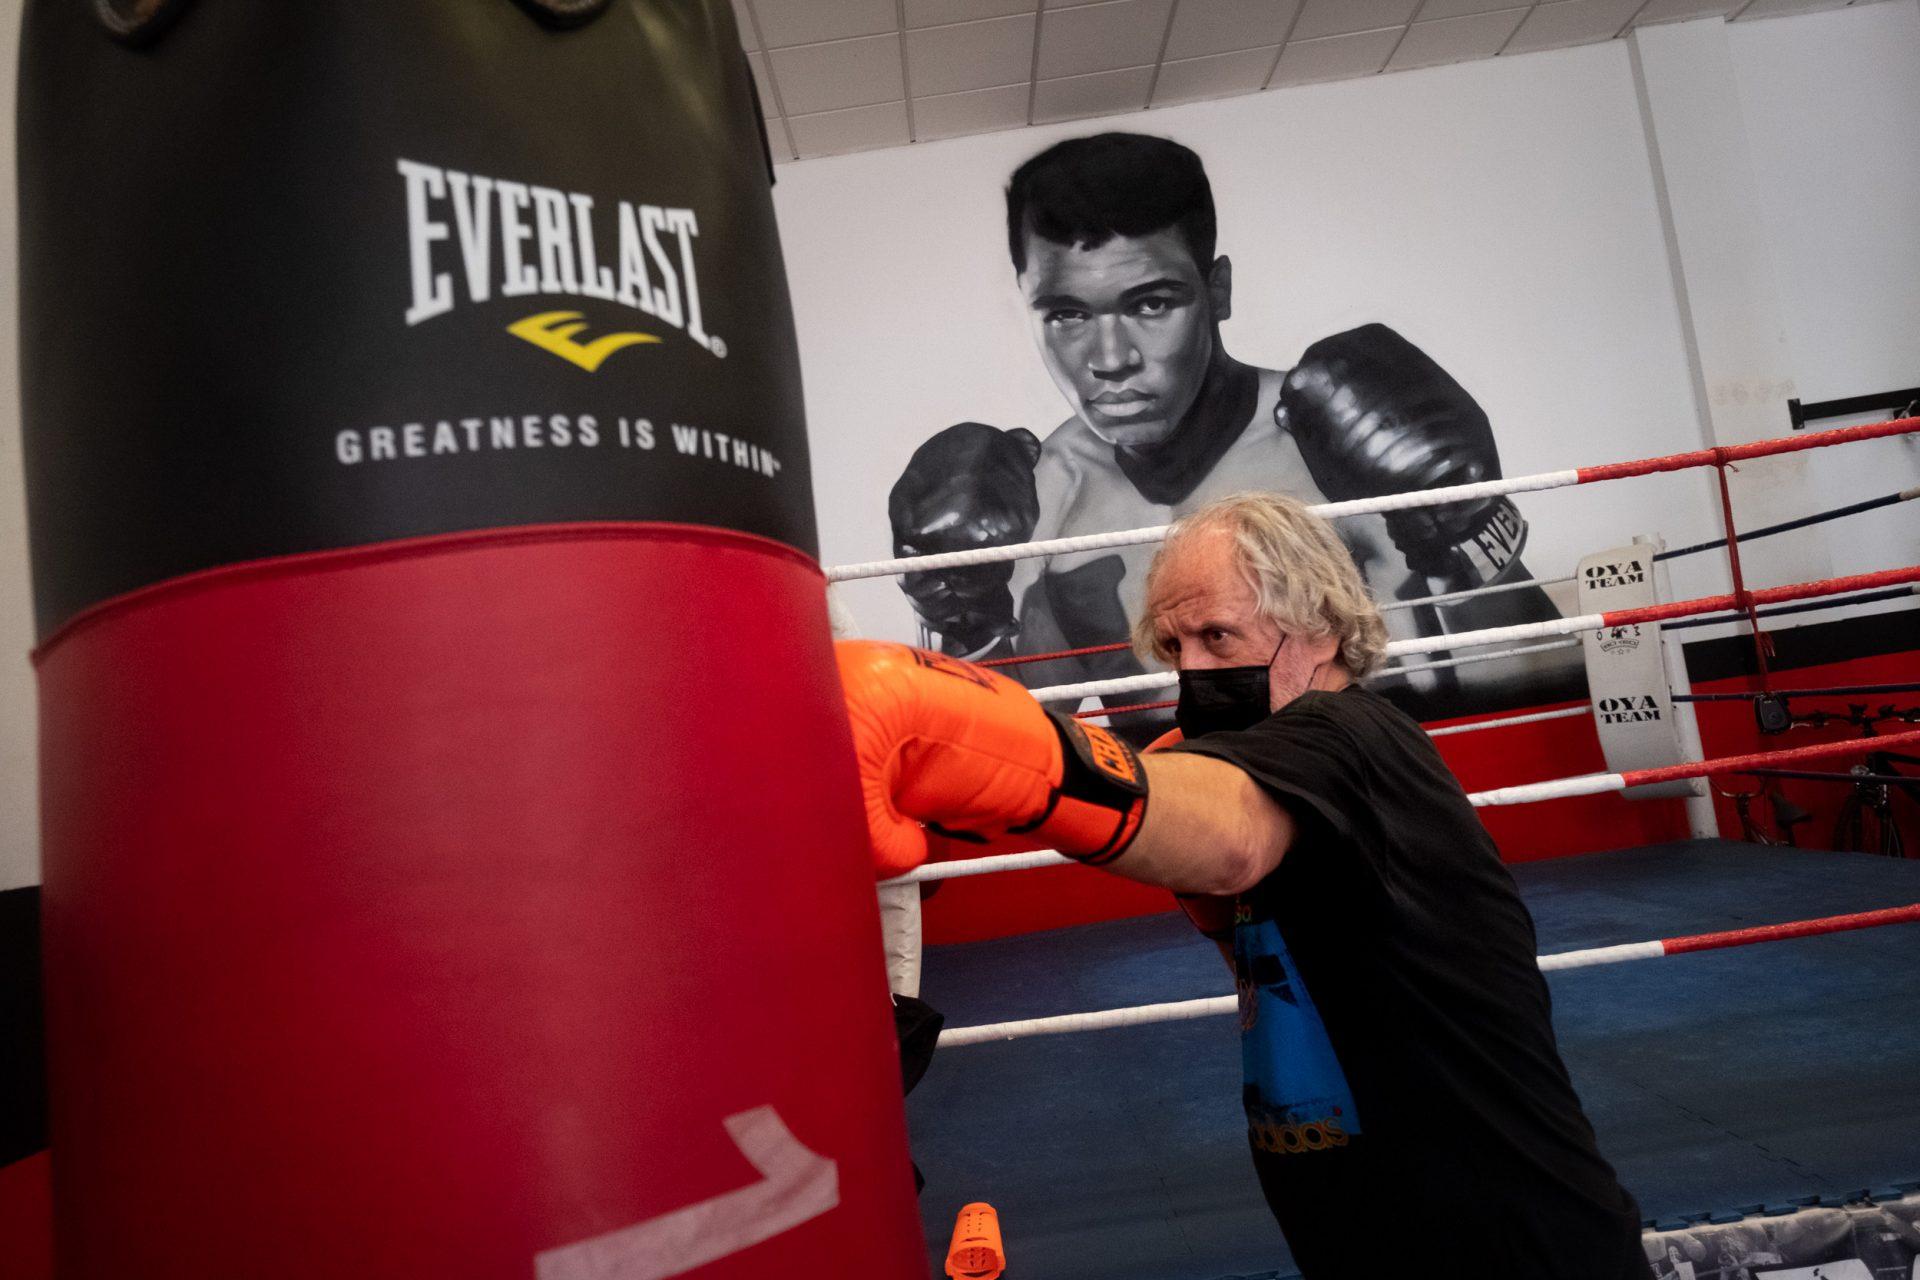 Carlos Ordaz, de 73 años, lleva con orgullo ser el veterano de la Escuela y defiende los múltiples beneficios de golpear el saco. Fran Pallero